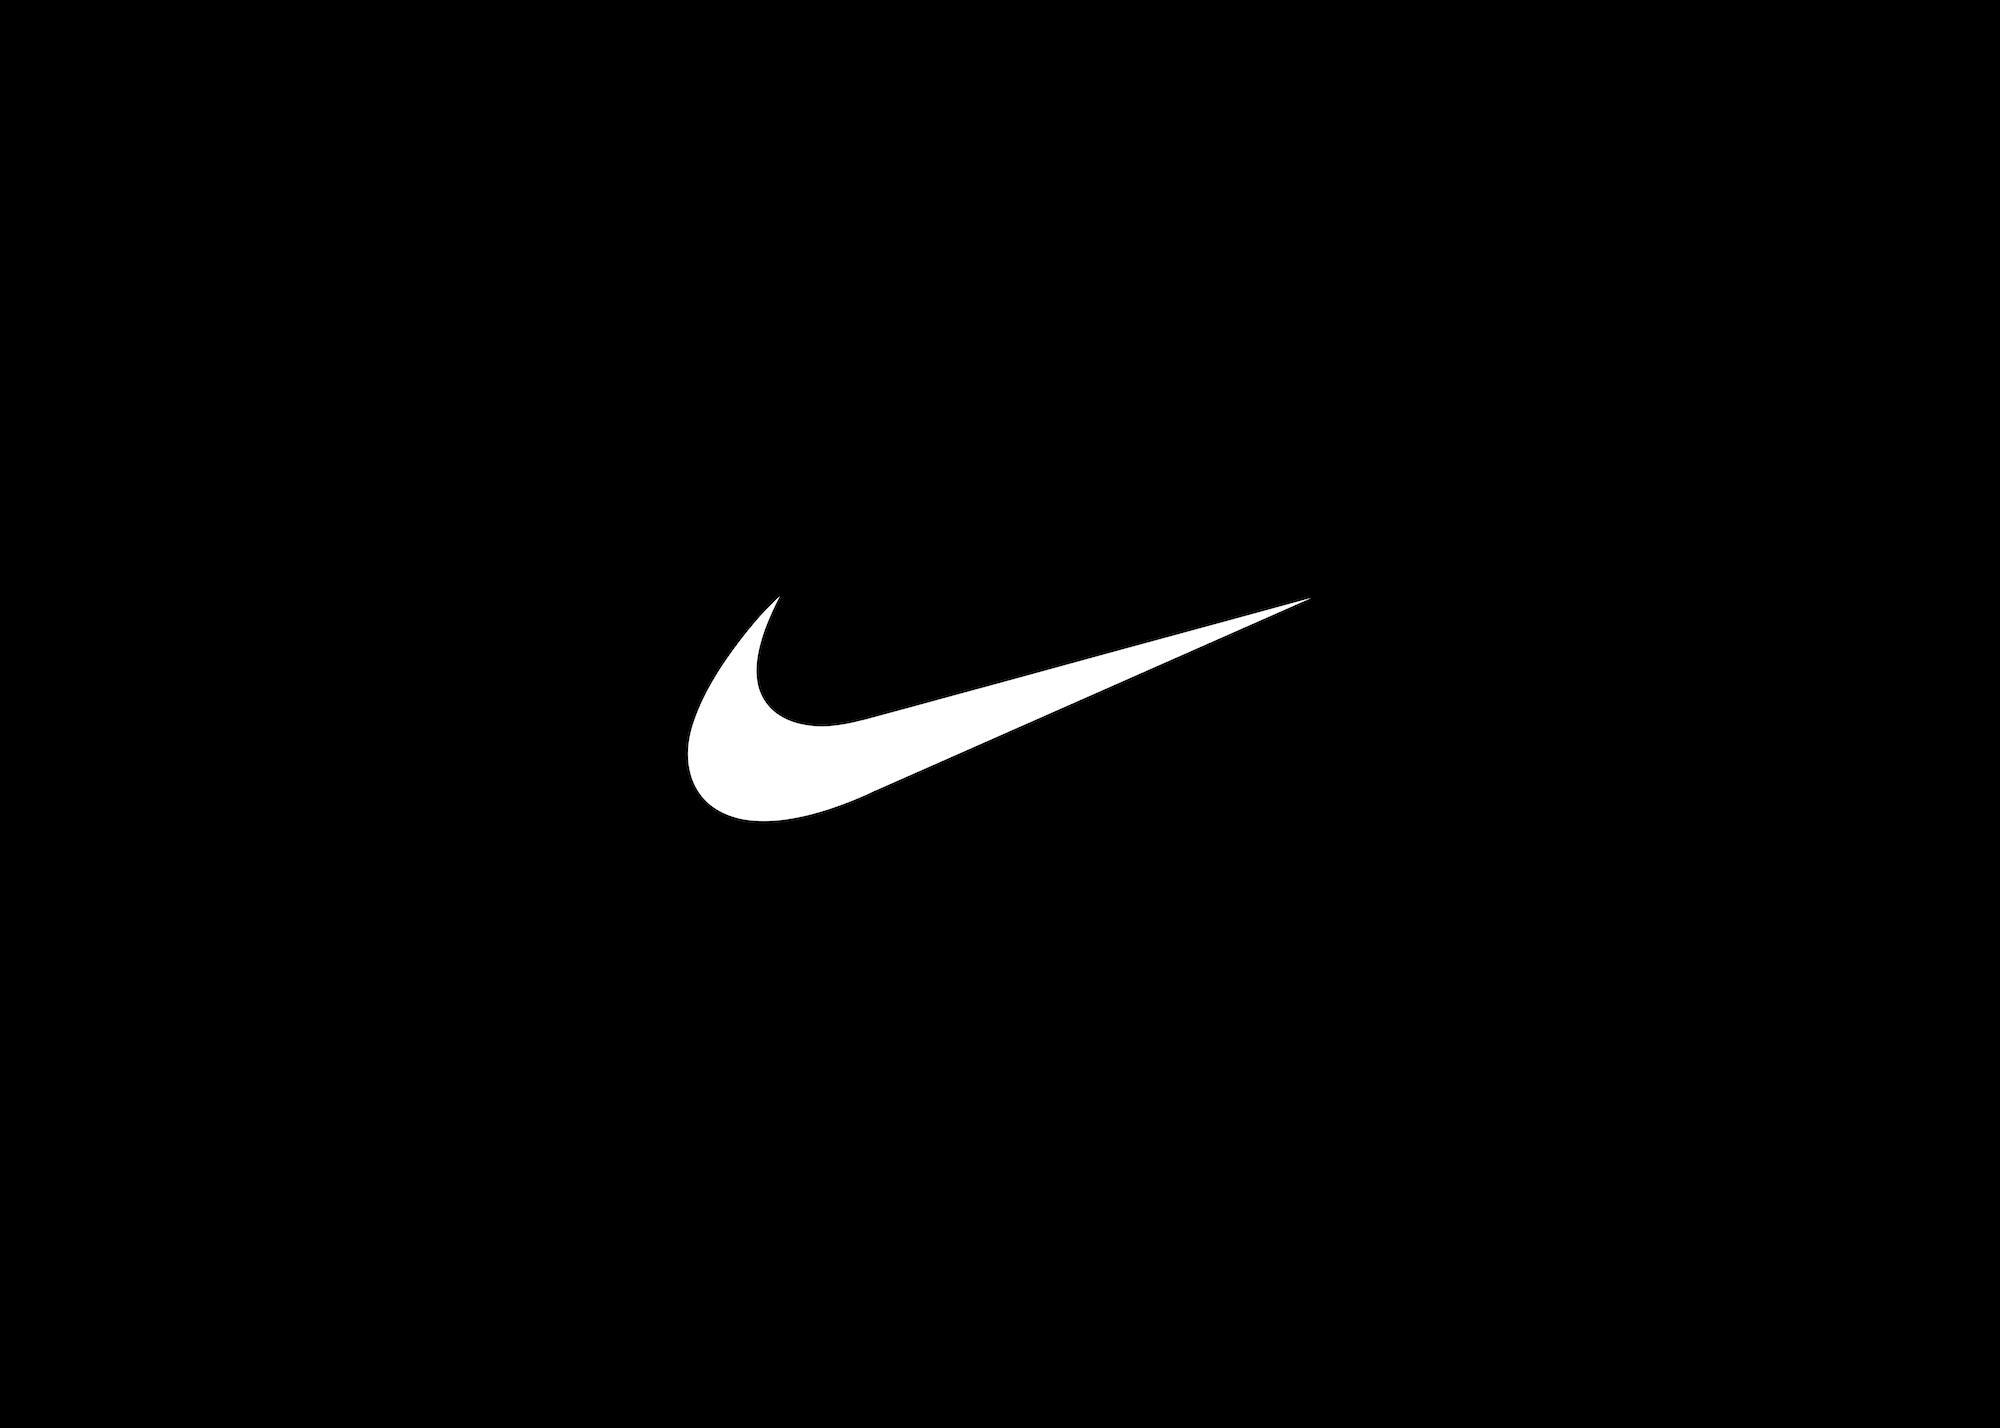 nike logo 2016